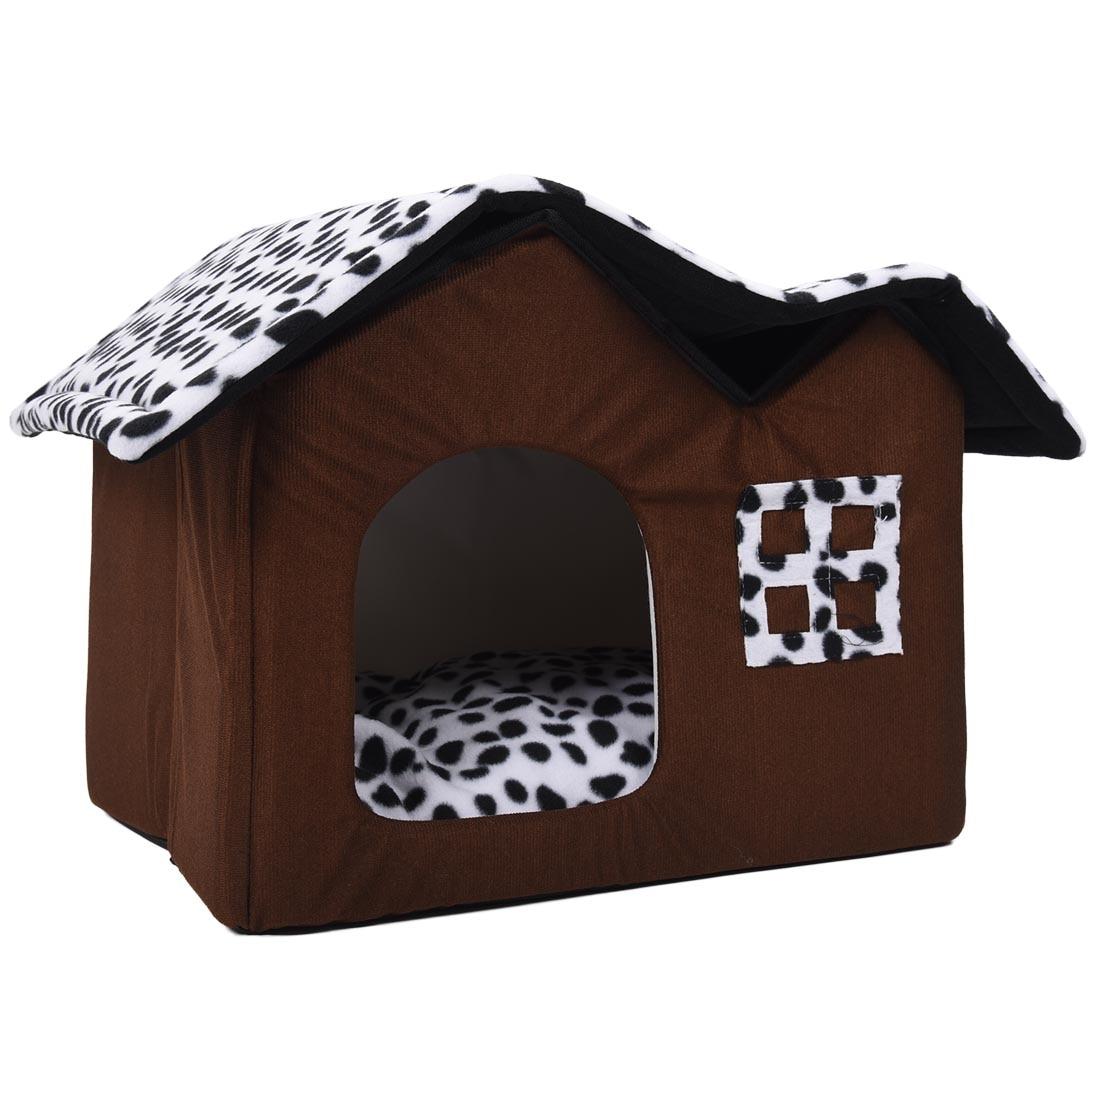 Camas de cachorro removíveis quentes casa de estimação de casal marrom sala de cão camas de gato almofada de cão de luxo produtos para animais de estimação 55x40x42 cm